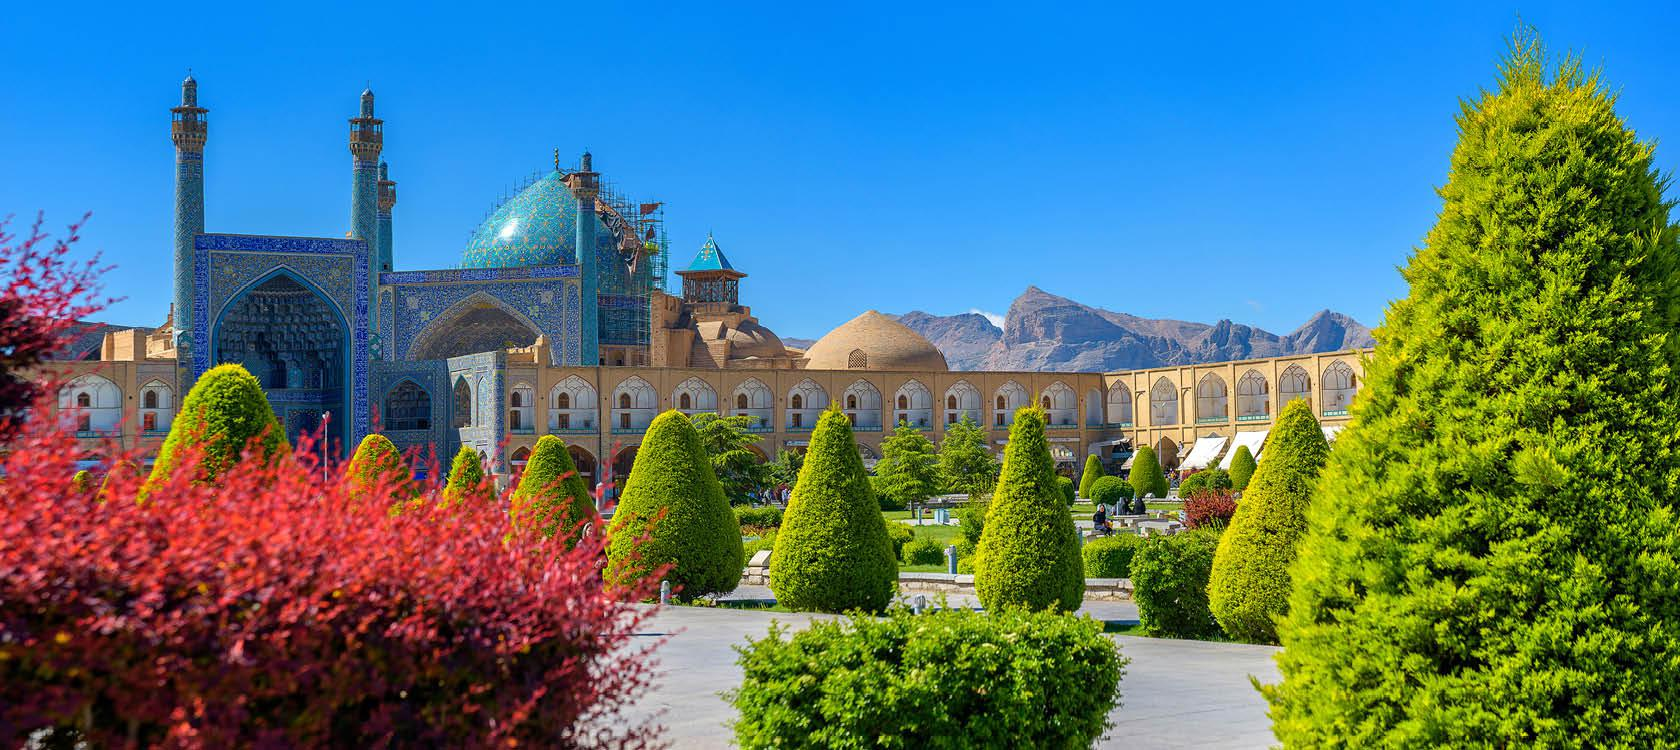 Imam Square, Kulturrejse rundrejse iran de persiske perler